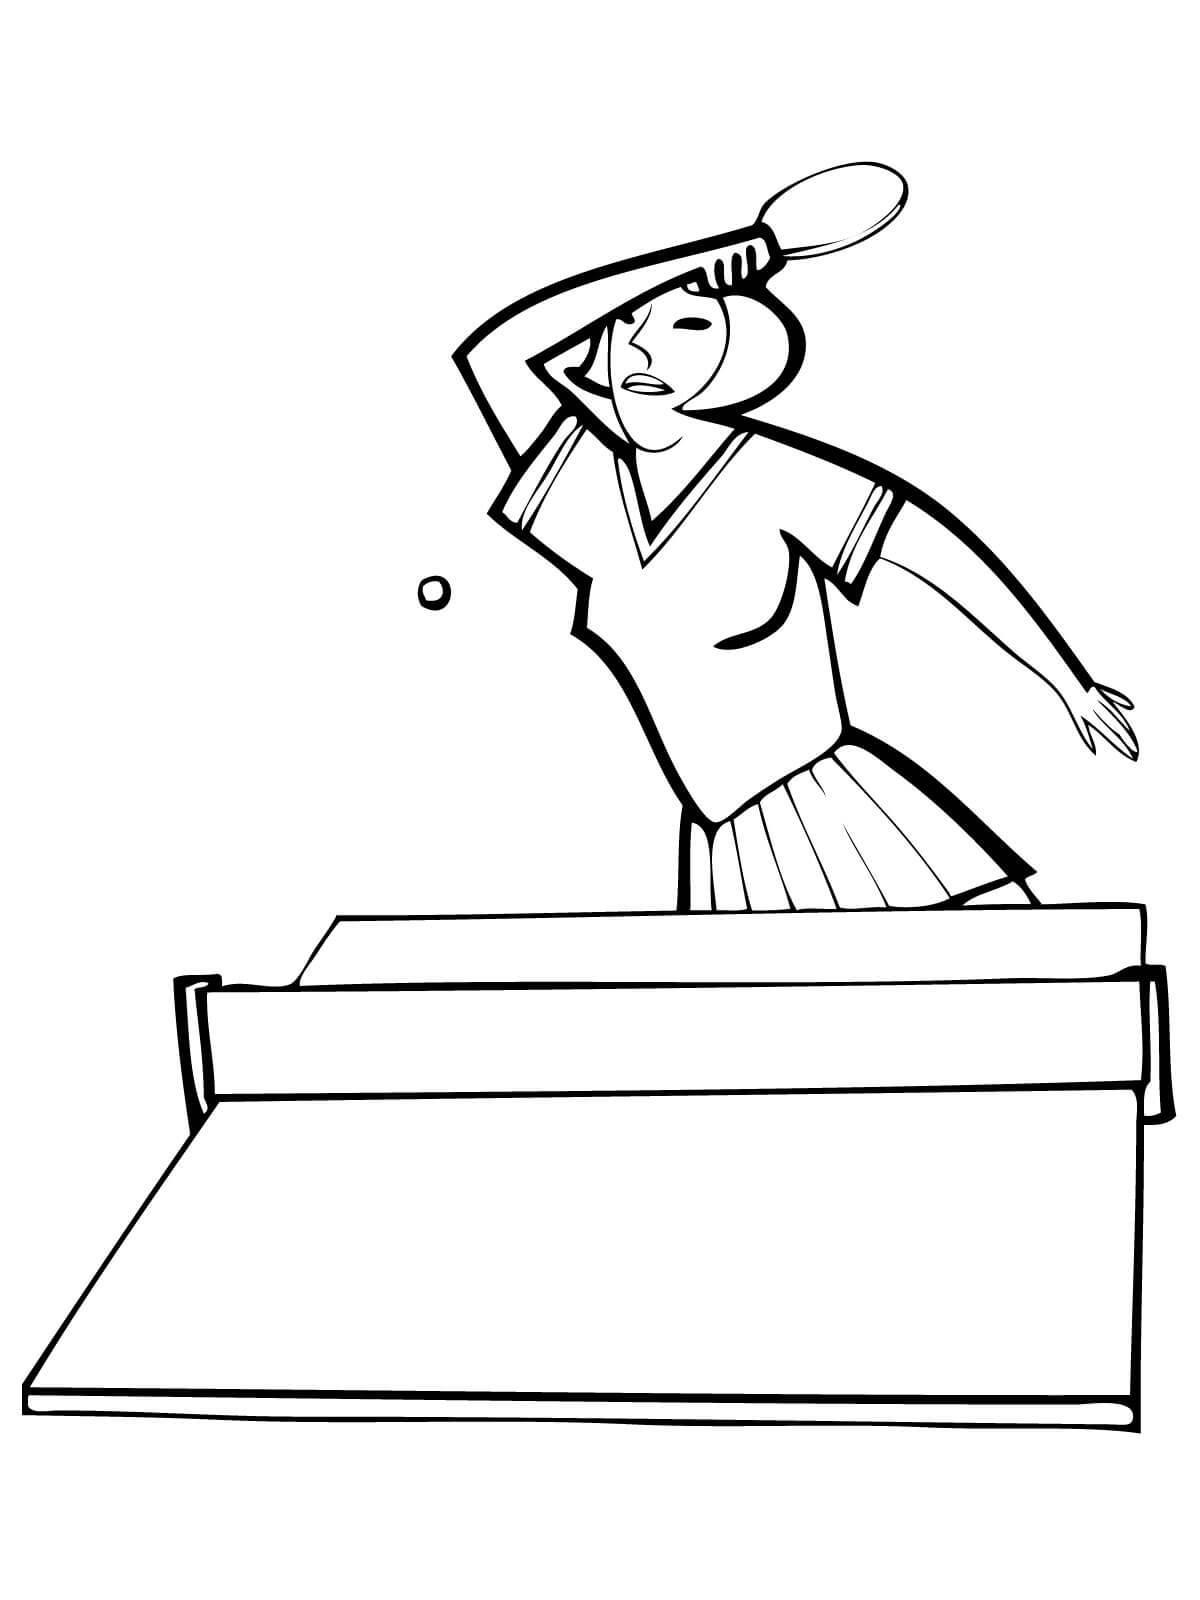 Девушка играет в настольный теннис, стол с сеткой, мяч и ракетка Раскраски для мальчиков